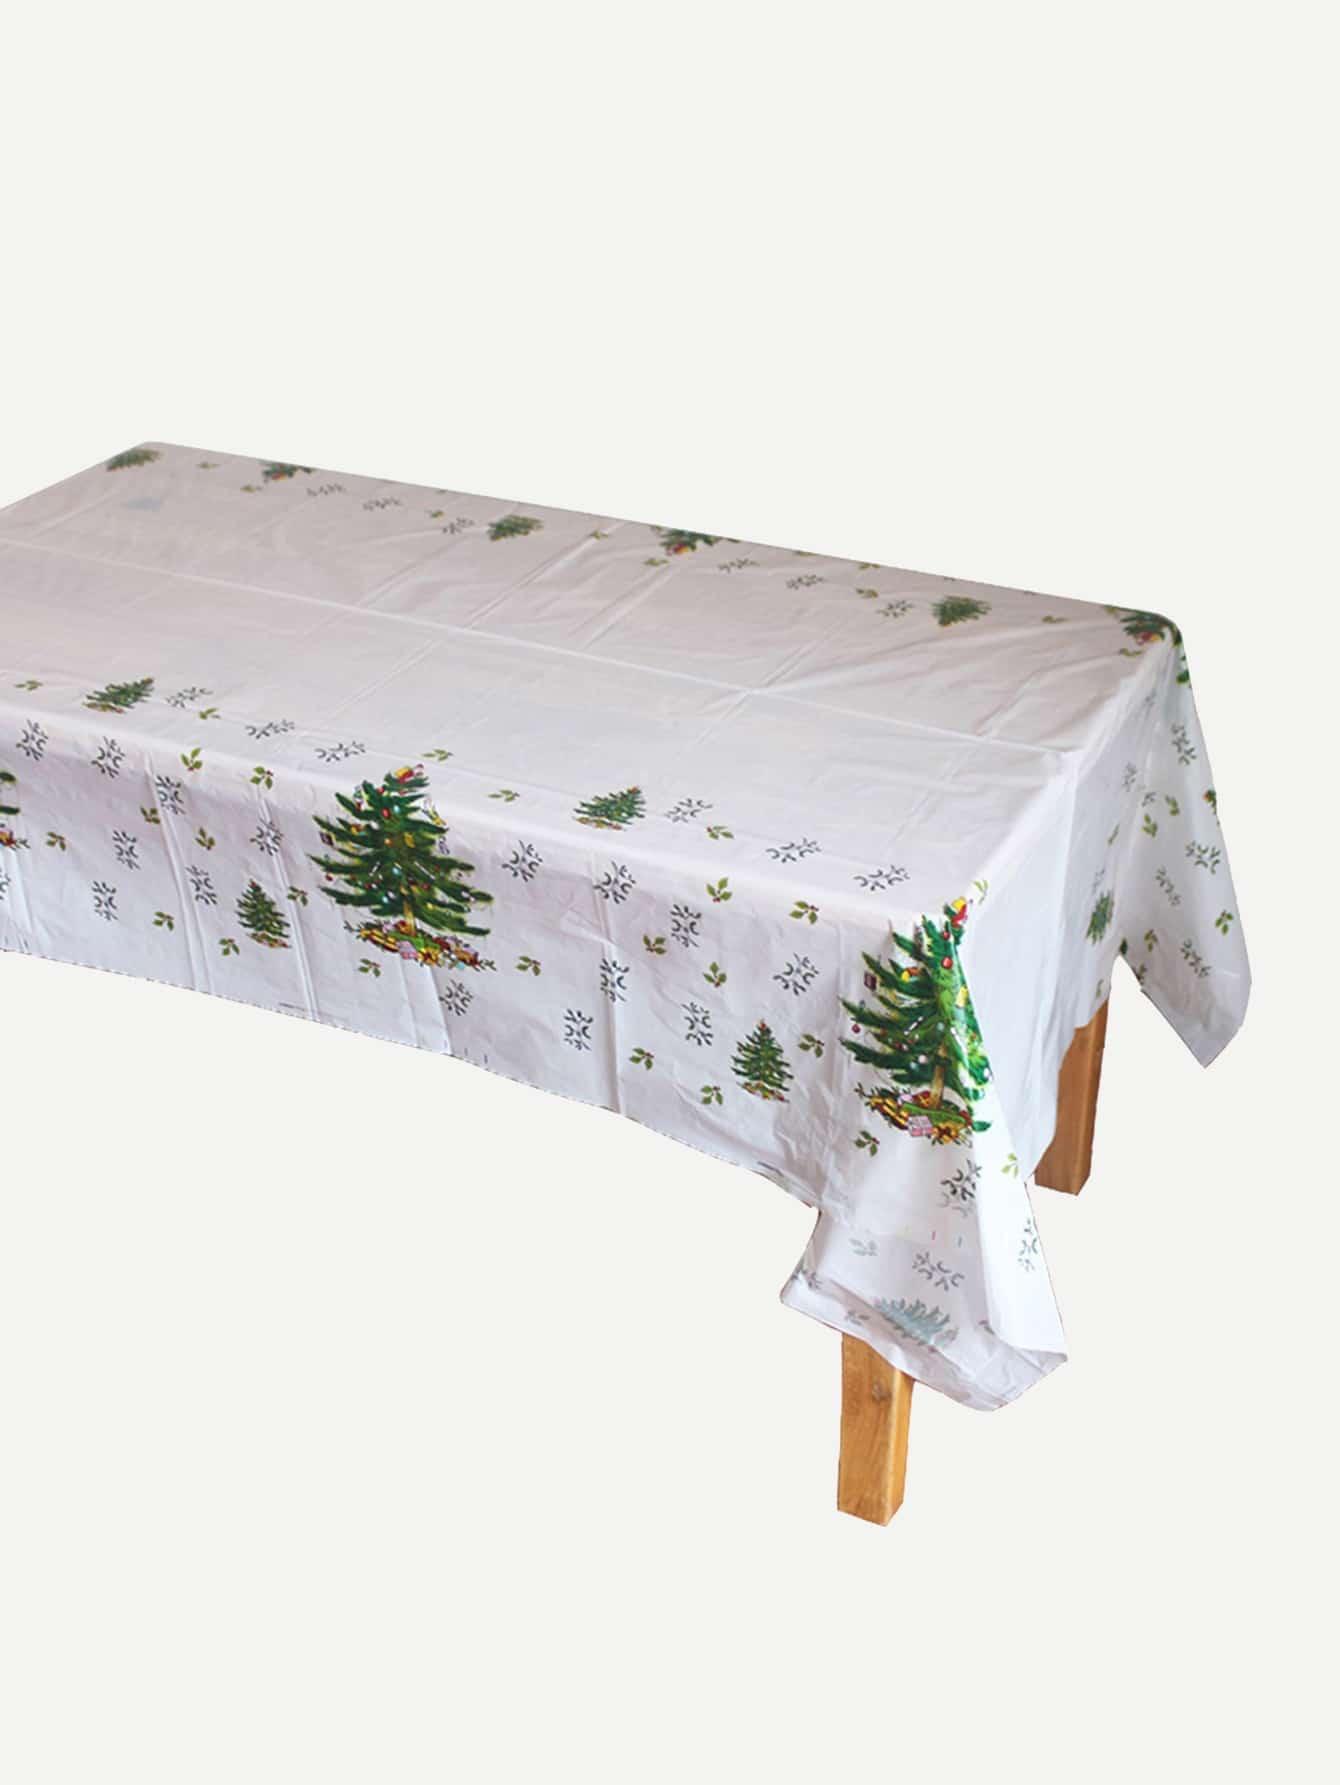 Купить Одноразовая скатерть с принтом рождественского дерева, null, SheIn